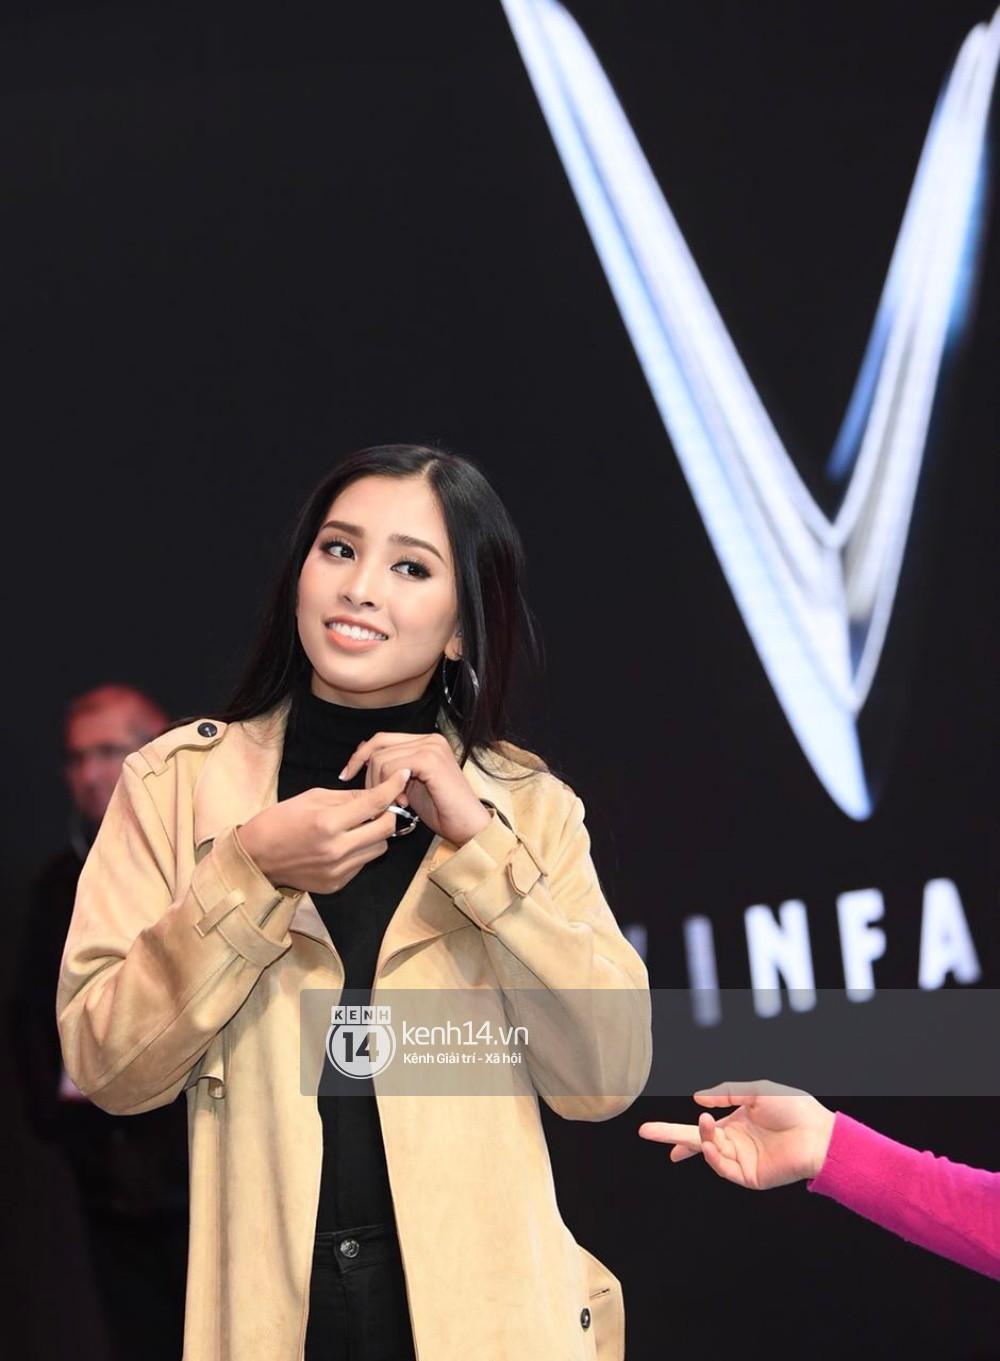 Hoa hậu Trần Tiểu Vy tất bật tập luyện cho sự kiện ra mắt xe VINFAST - Ảnh 8.